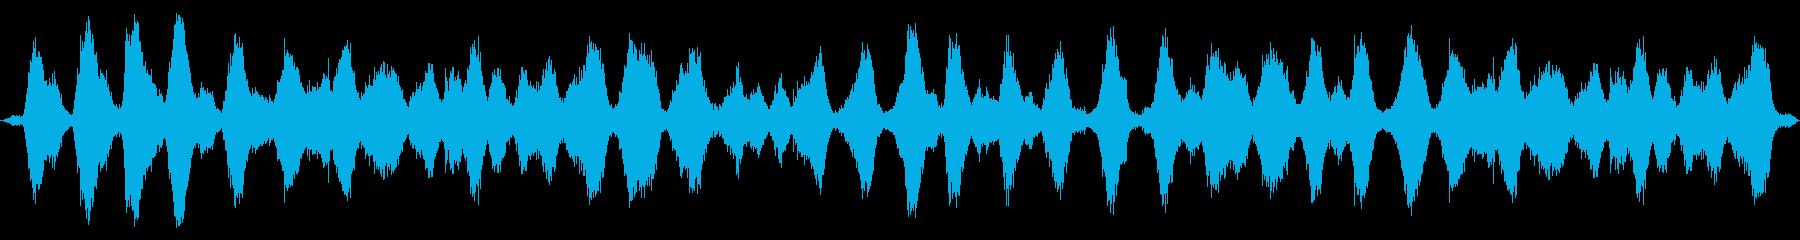 海洋:重い波、遠くのカモメに来る二重波の再生済みの波形